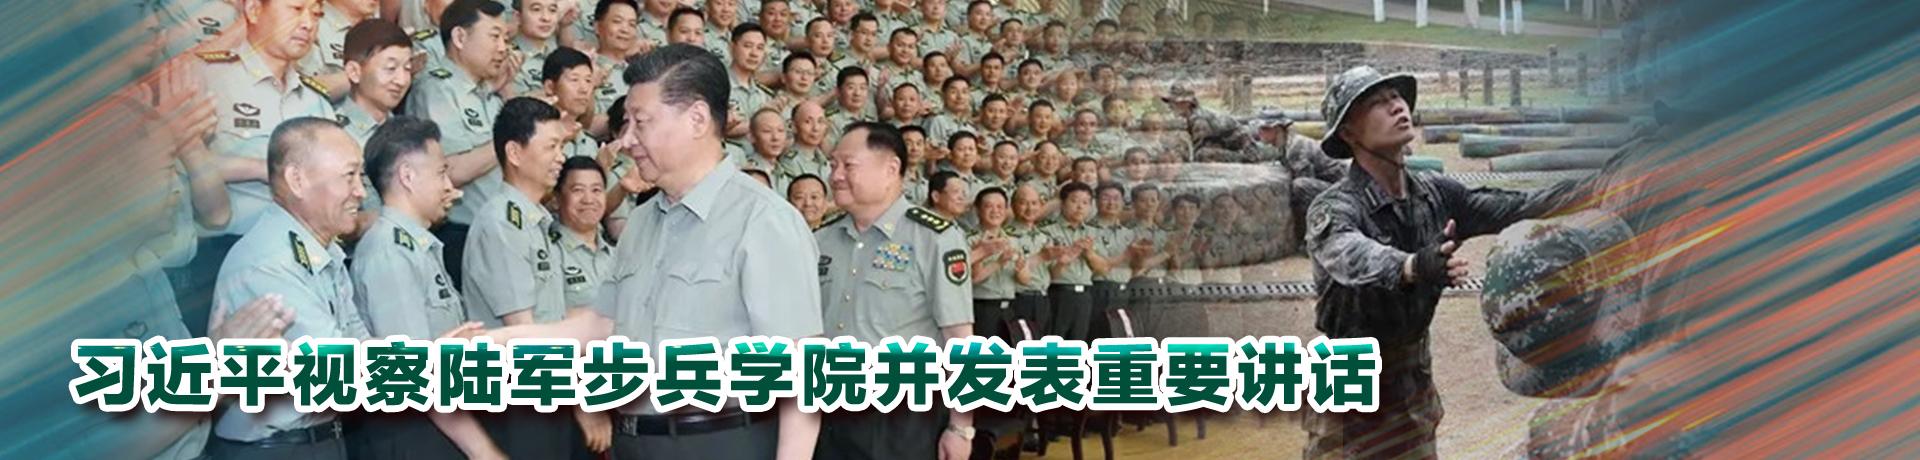 习近平视察陆军步兵学院并发表重要讲话